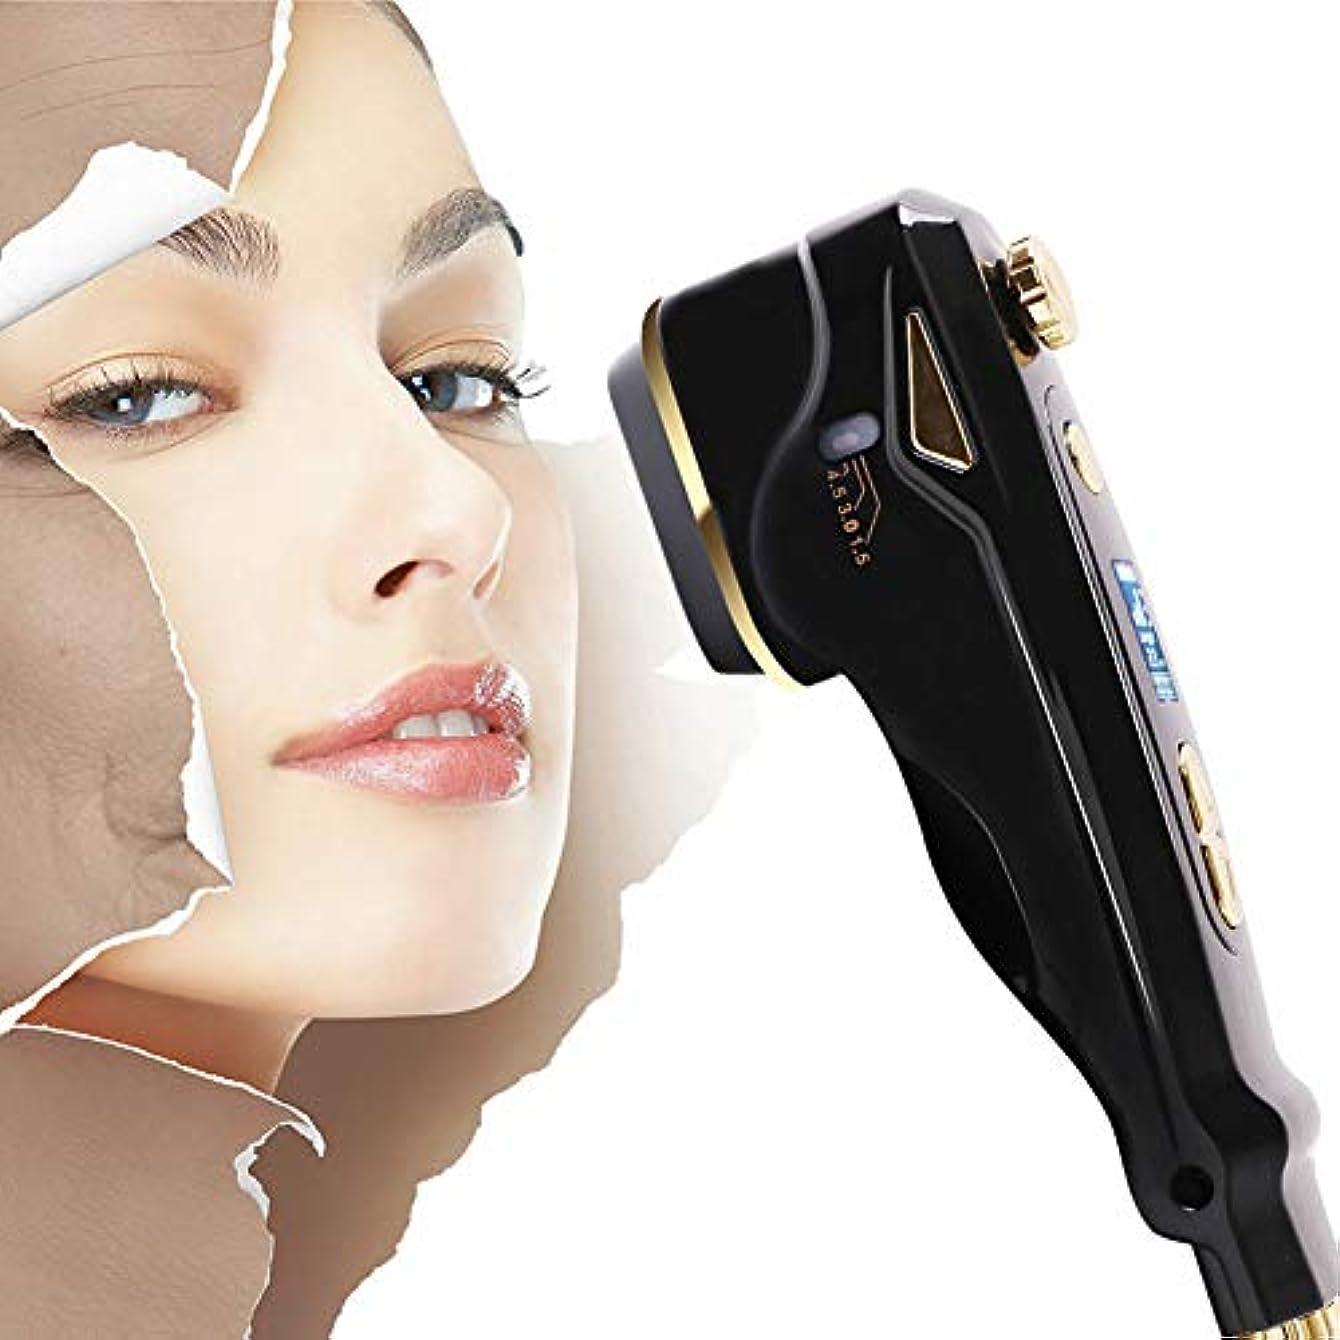 中庭証言動物ミニ 1の3 HIFU アンチエイジング 改築 デバイス、 世帯 RF フェイシャル 美しさ 機械 へ 家庭での使用 肌の若返り、 首 しわの除去、 ホワイトニング、 肌の引き締め デバイス